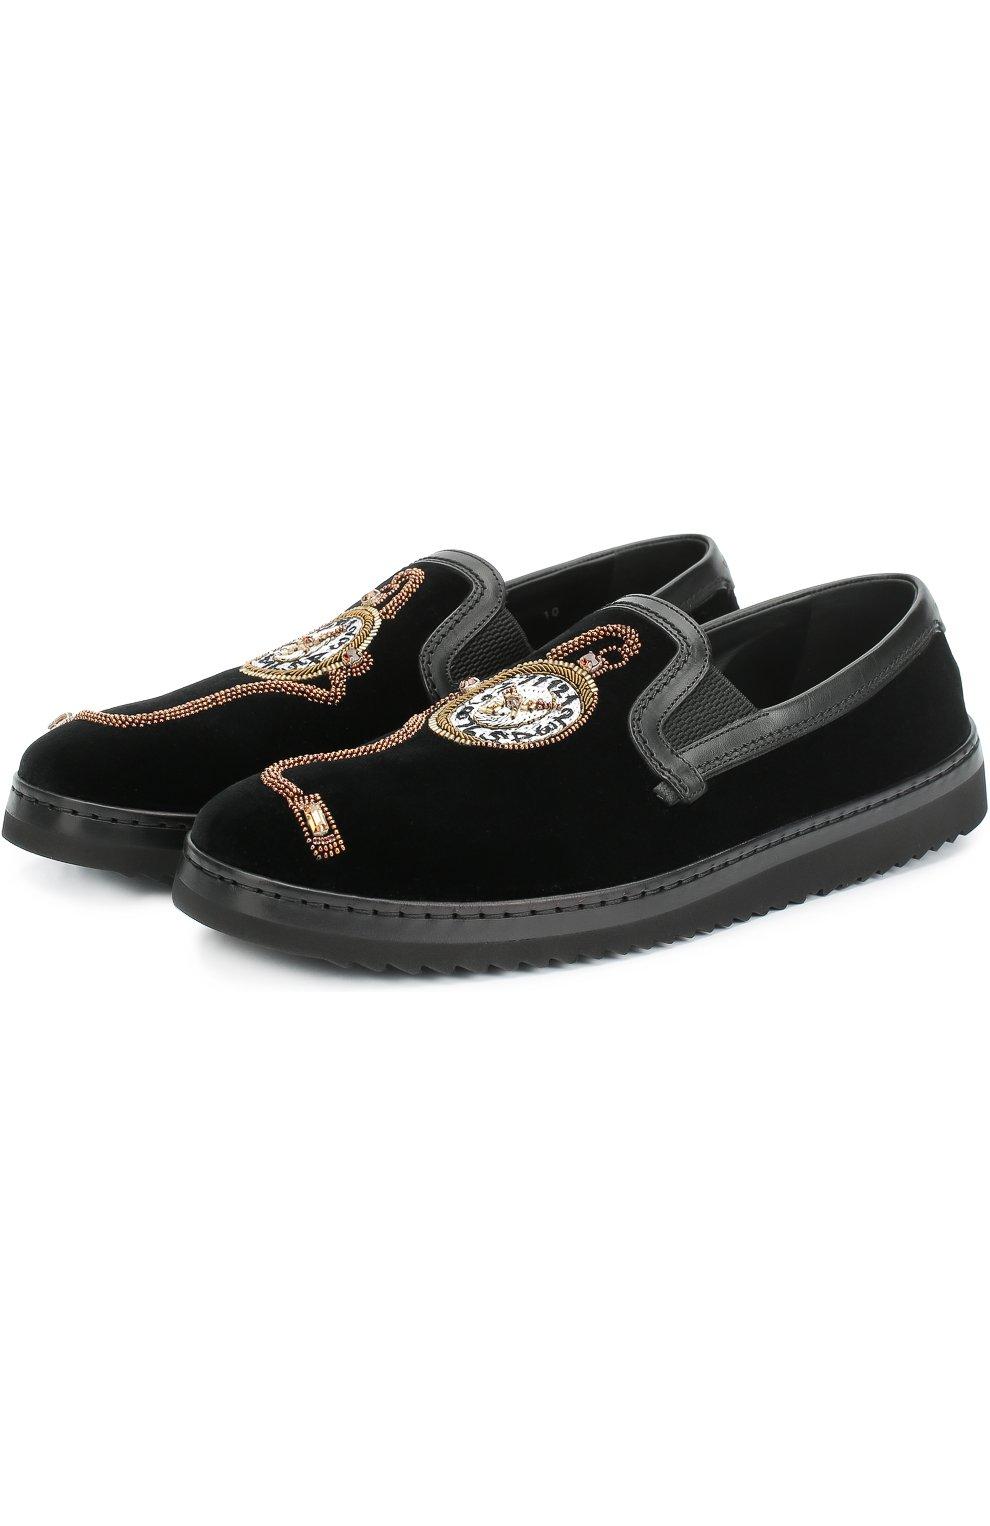 Бархатные слипоны Mondello с вышивкой Dolce & Gabbana черные   Фото №4